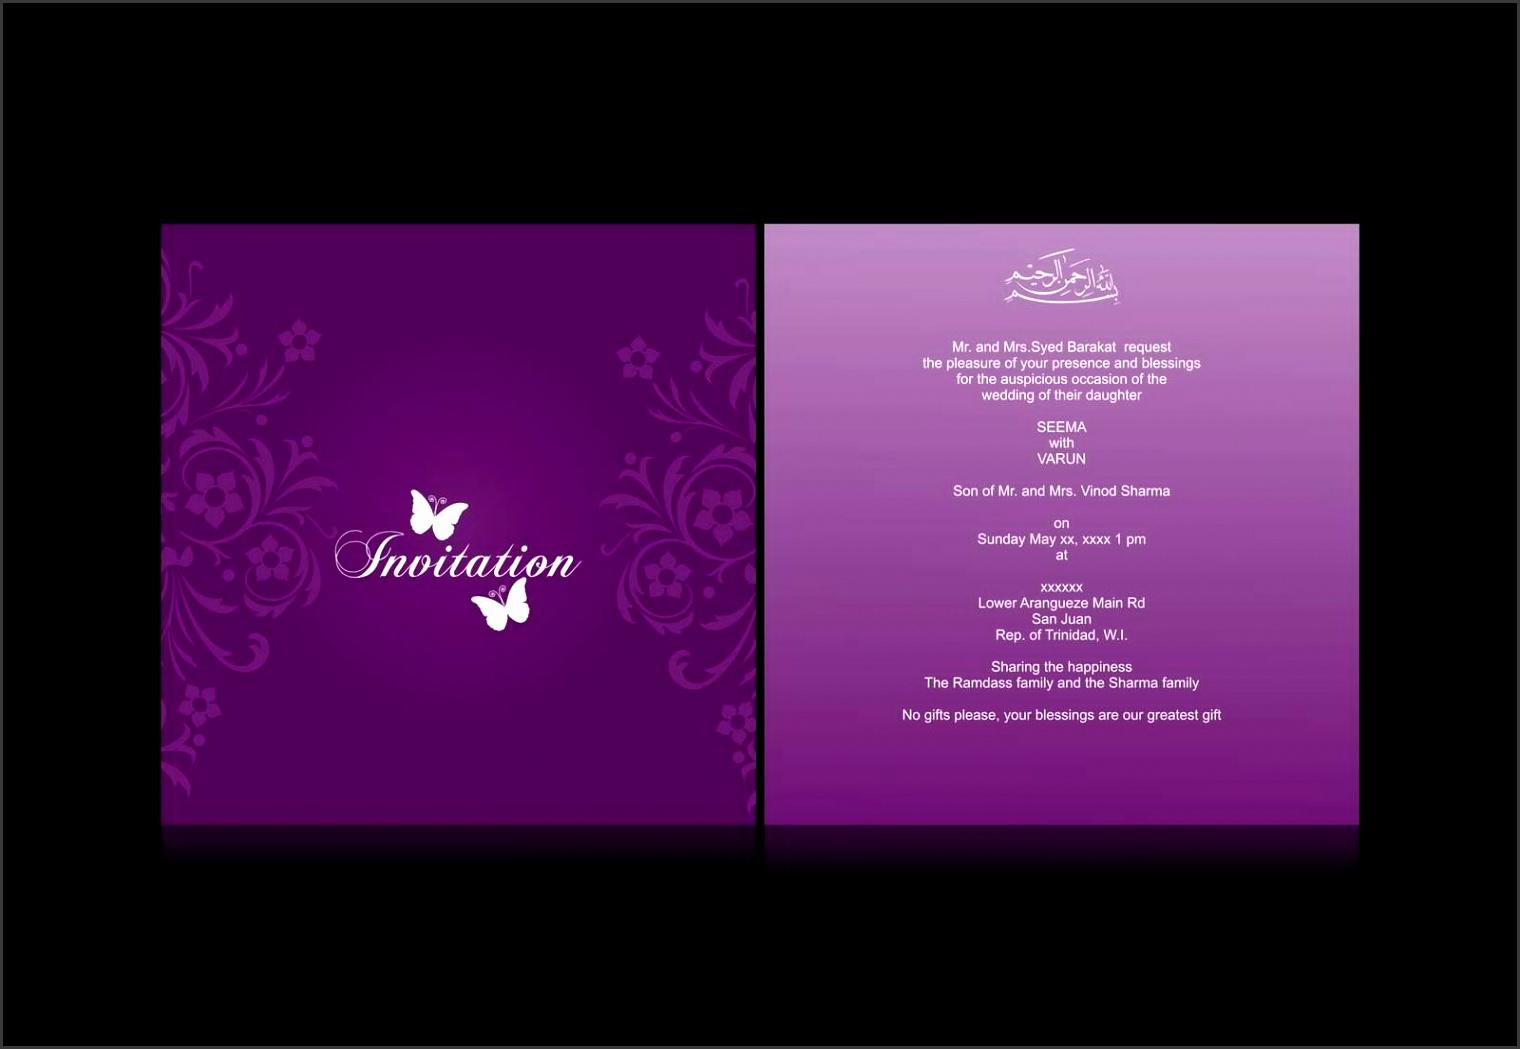 Wedding Invitation Card Wedding Invitation Cards Designs Dark Purple Magenta Accent With Unique Swirl Flowery Art